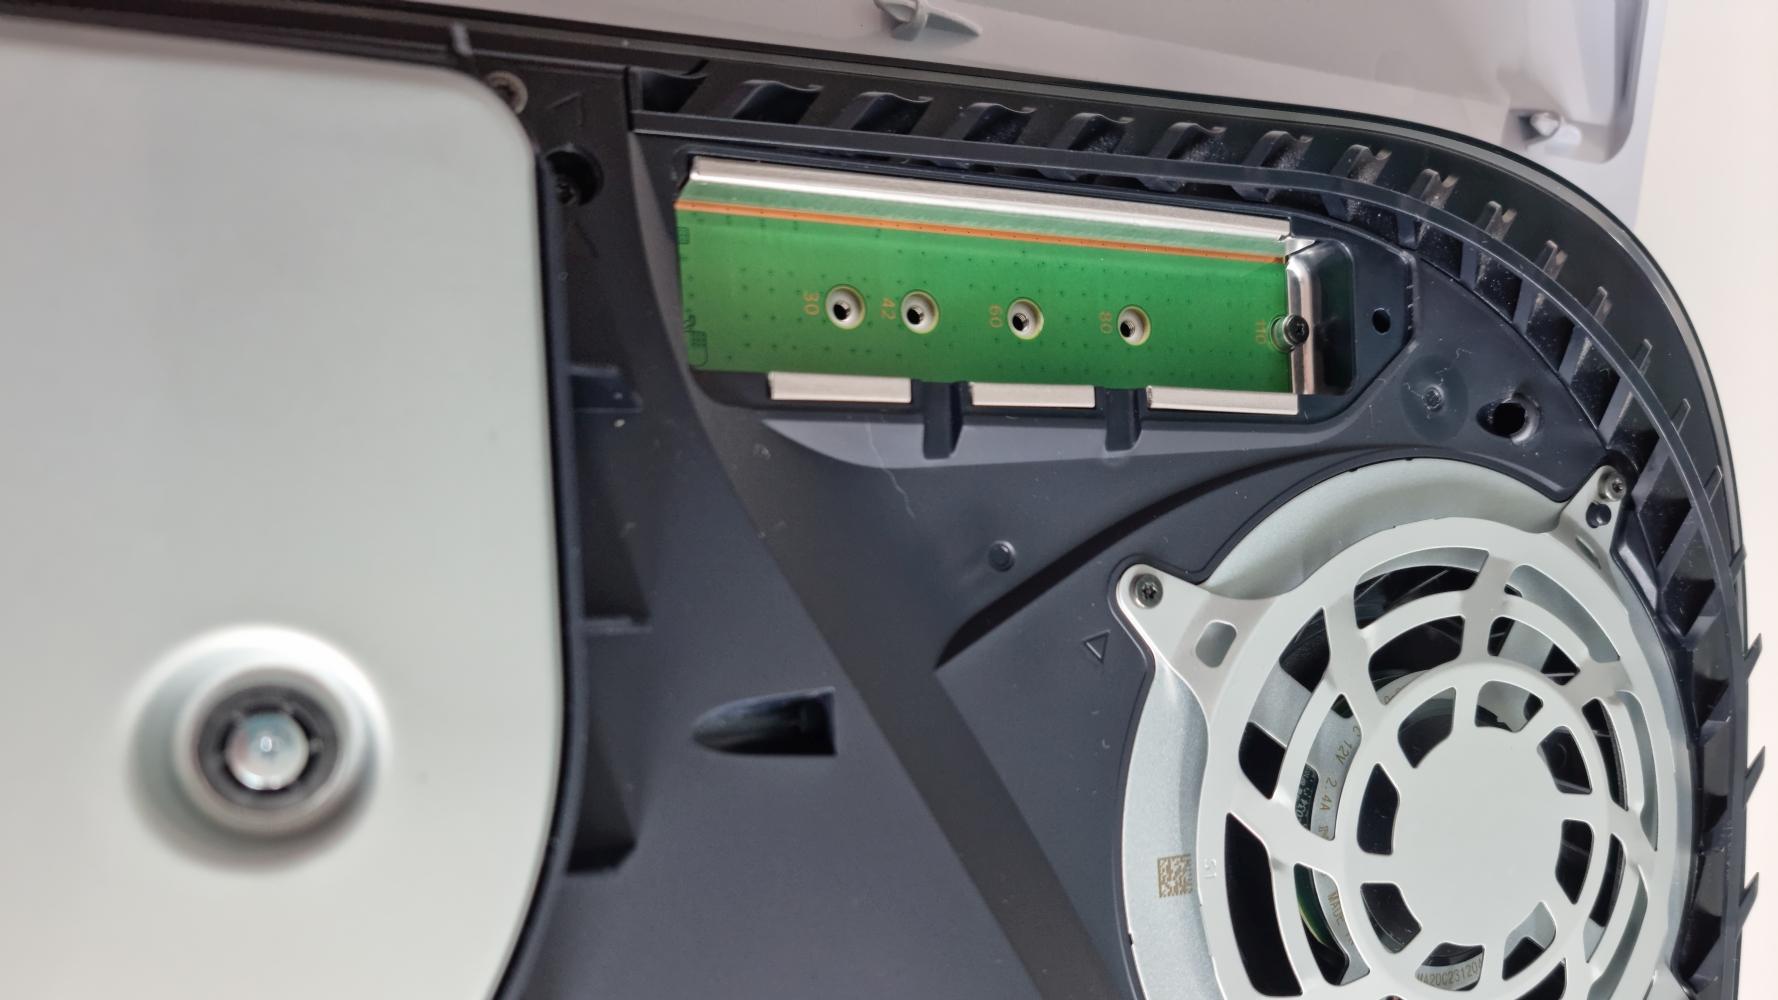 PlayStation 5 PS5 PCIe-4.0-SSD Speichererweiterung externe M.2 NVME SSD Ladezeiten Geschwindigkeit Vorteile Kühlkörüer Glotrends M.2 IcyBox RSHtech Leer